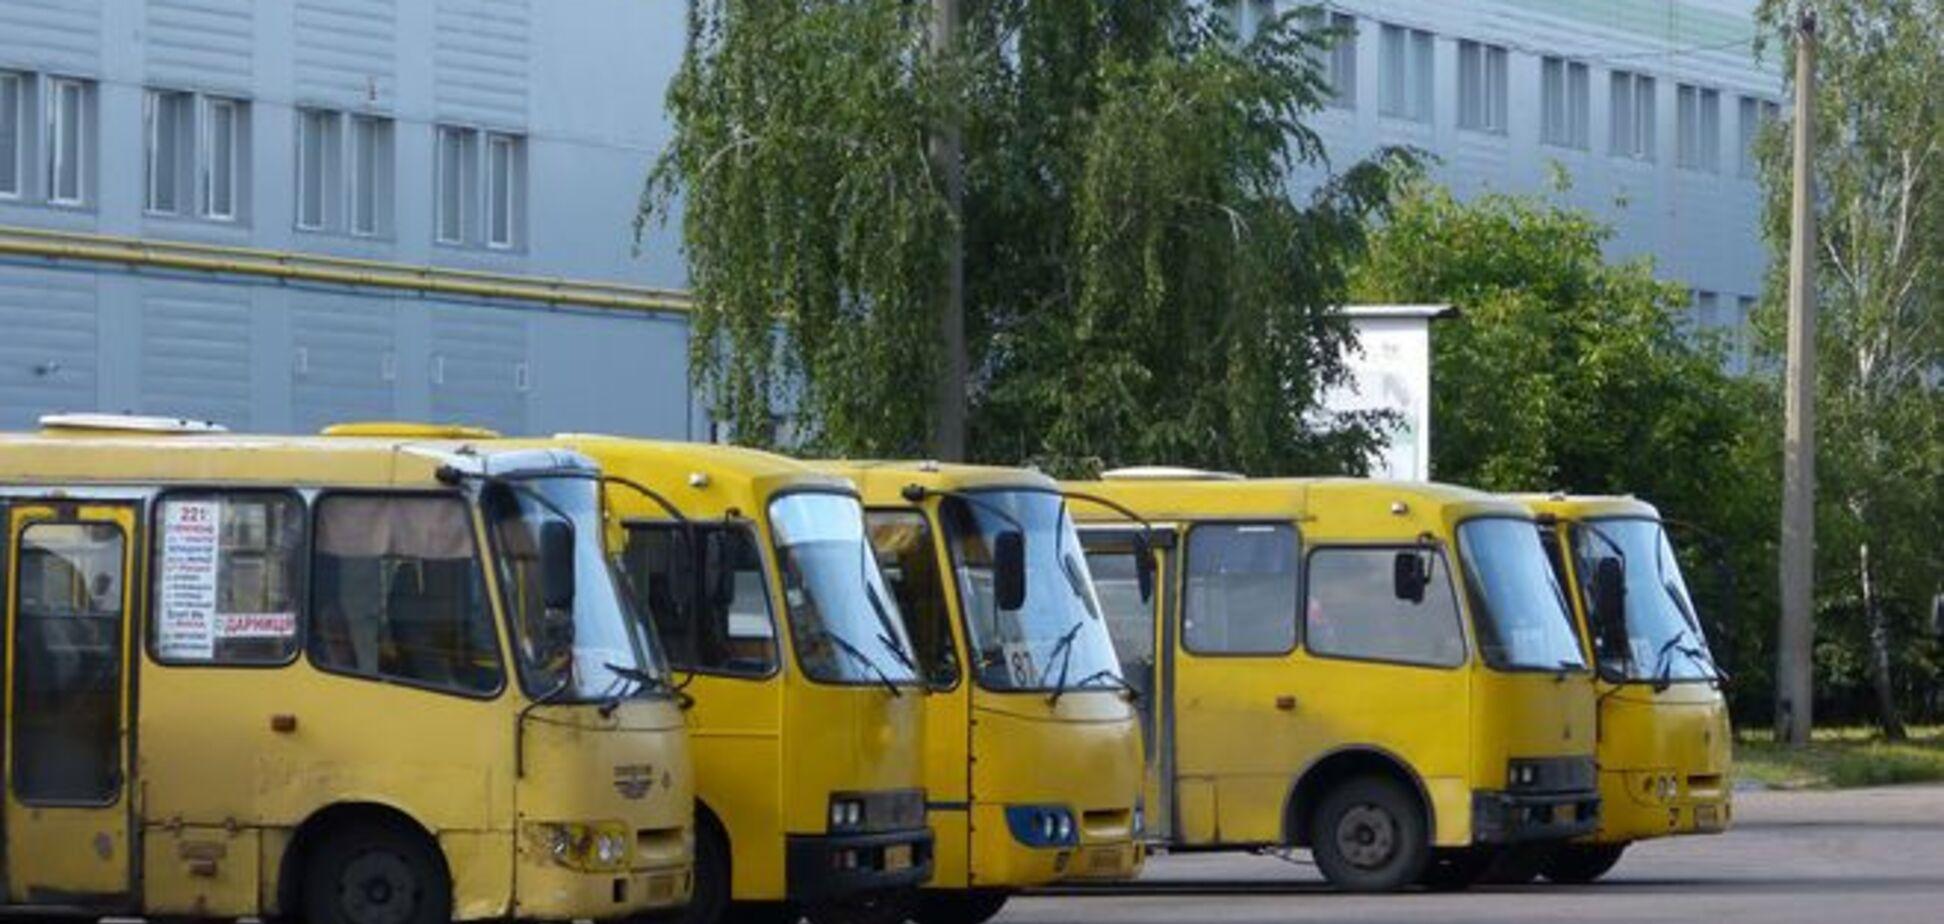 Киев должен избавиться от этой желтой заразы